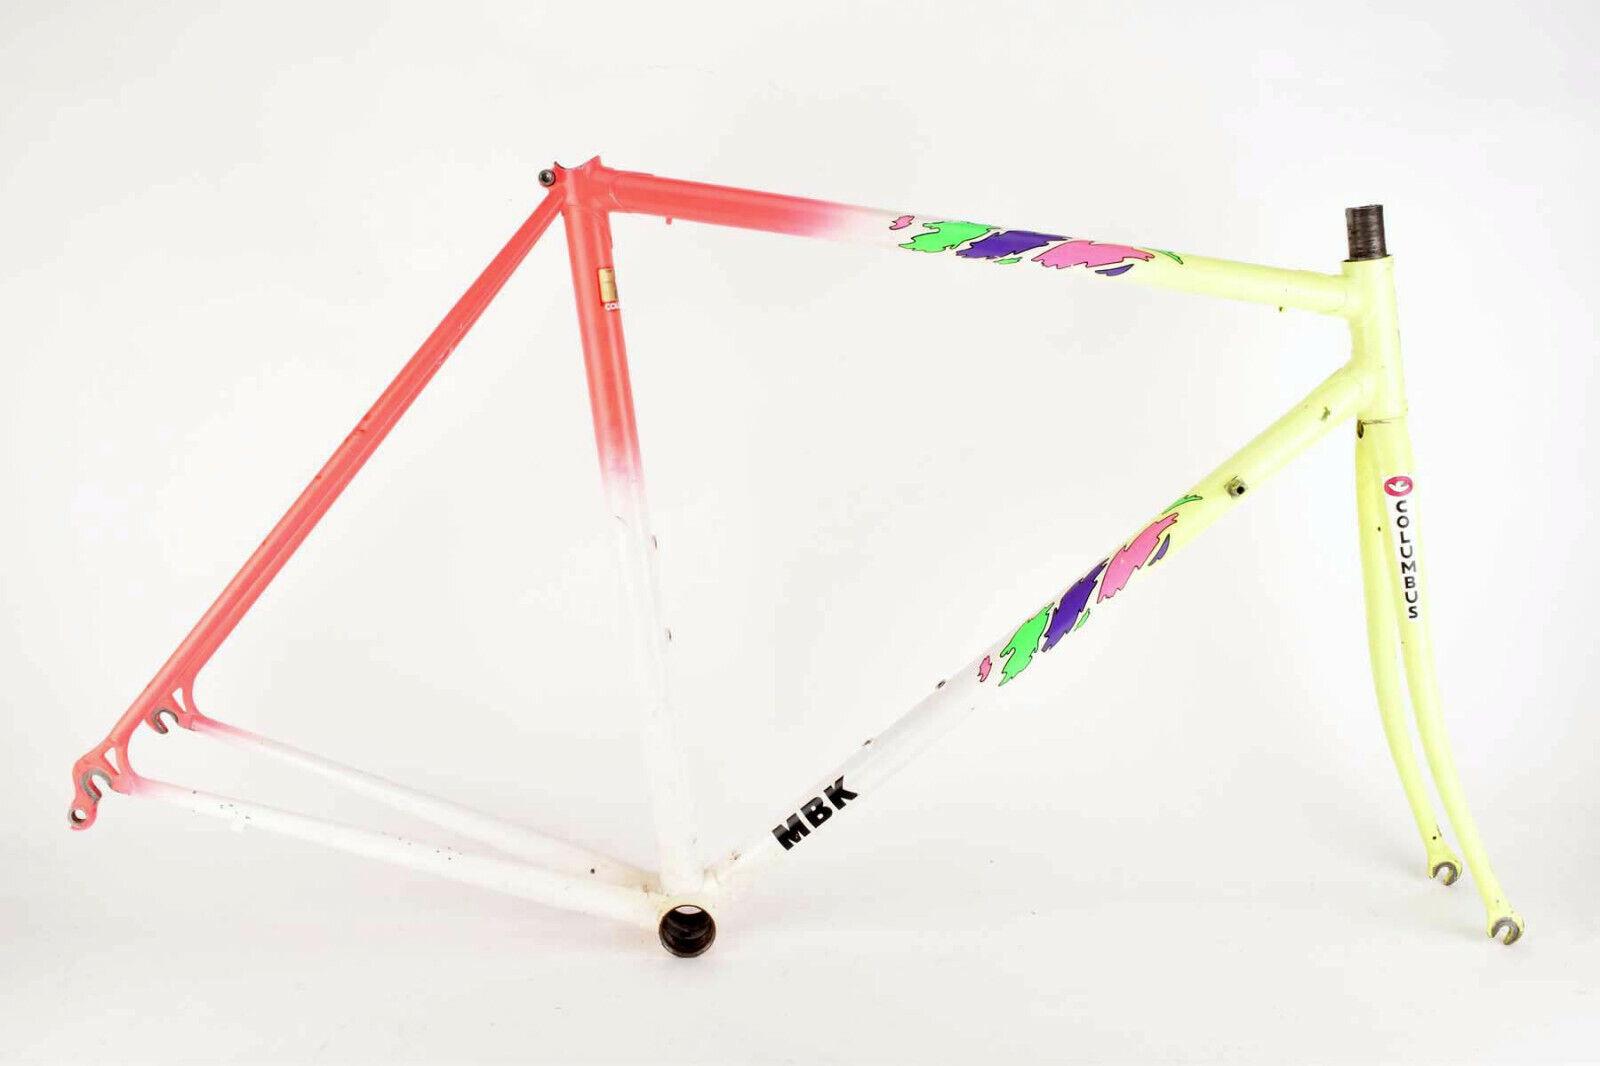 MBK Super Record Team Lotto frame in 52 cm (c-t) 50.5 cm (c-c) Columbus SLX